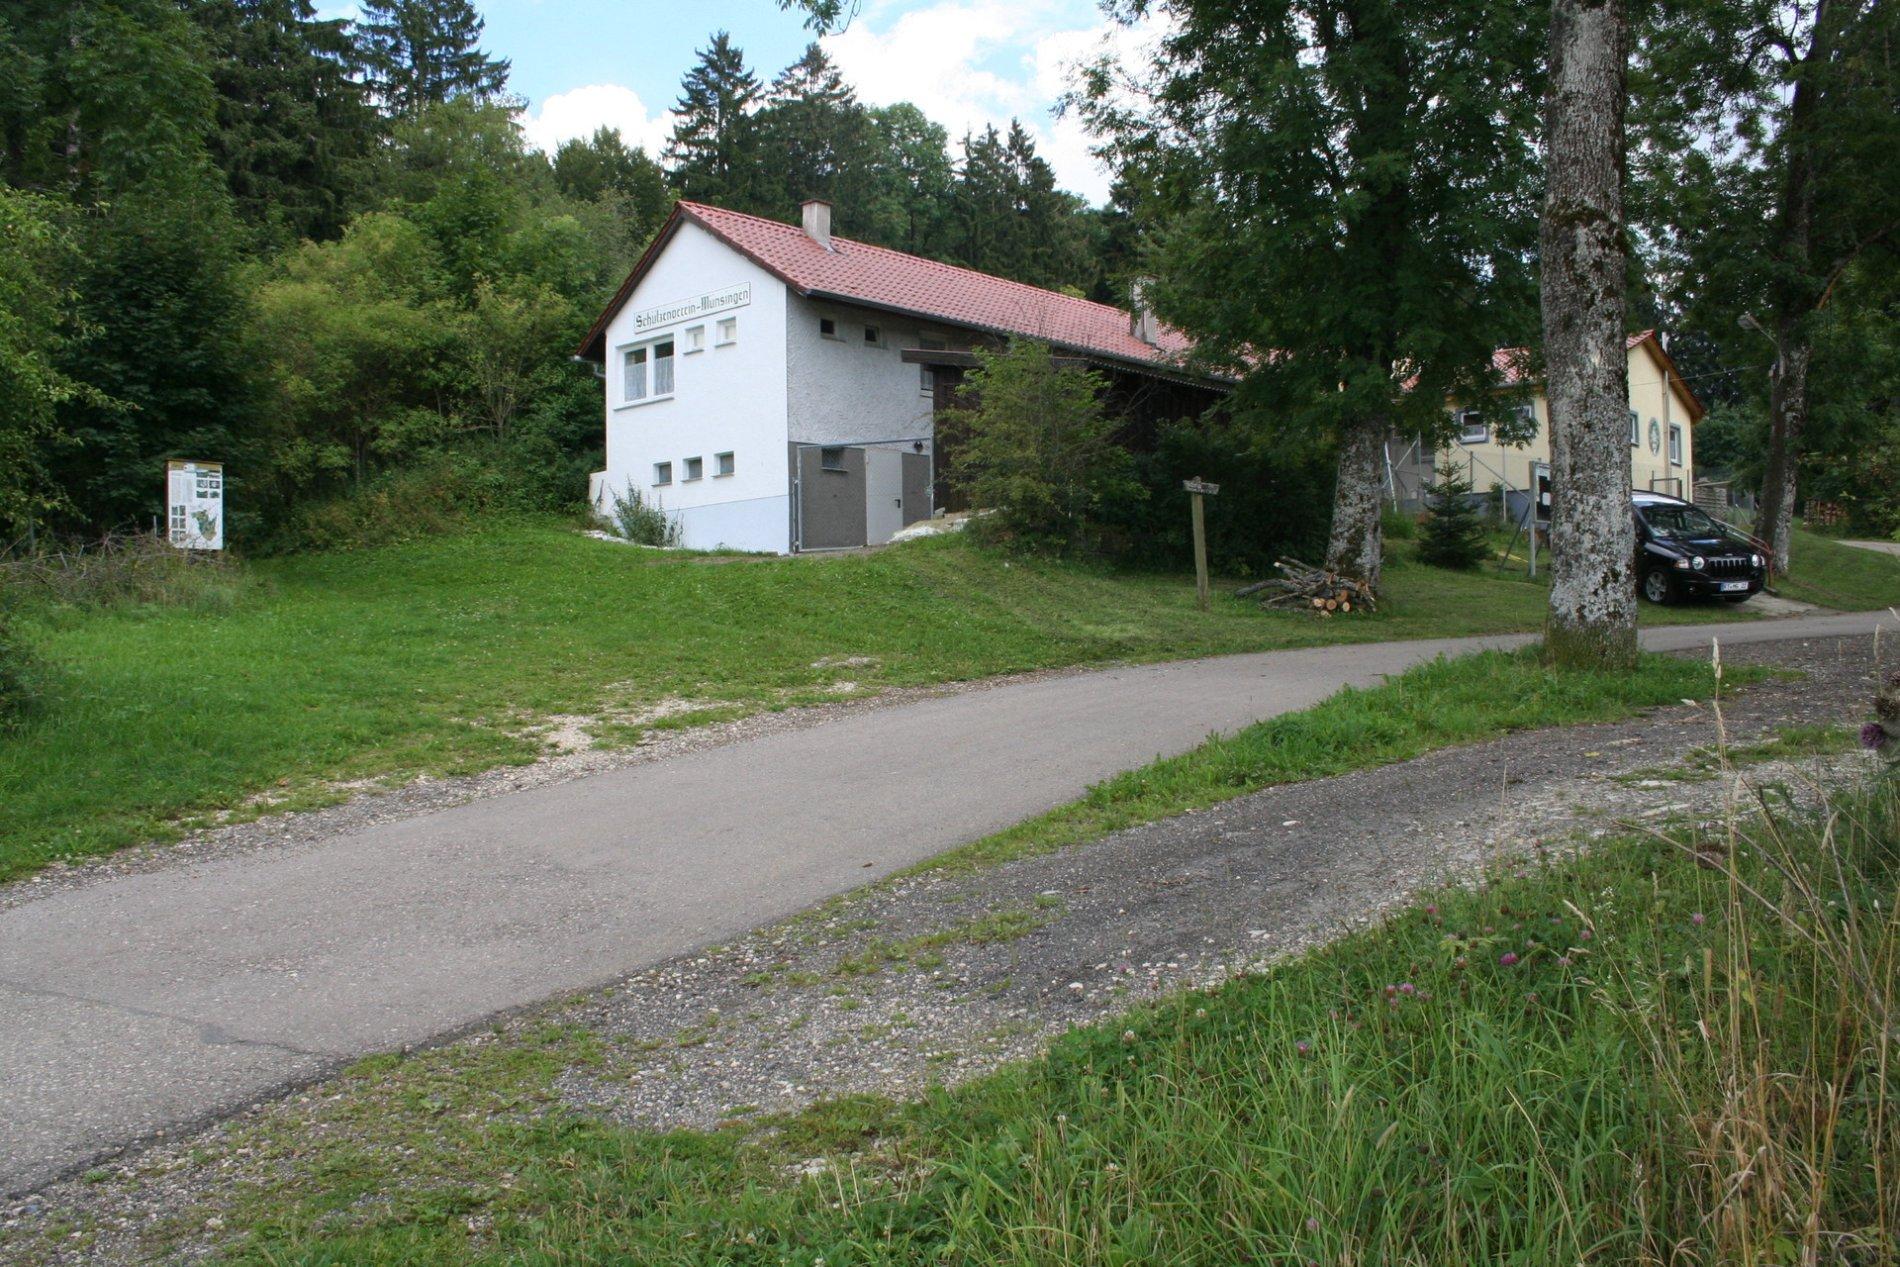 Ein Haus mit der Aufscghrift Schützenverein-Münsingen. Dahinter ist Wald, davor ist Wiese, ein paar Bäume und ein Auto.